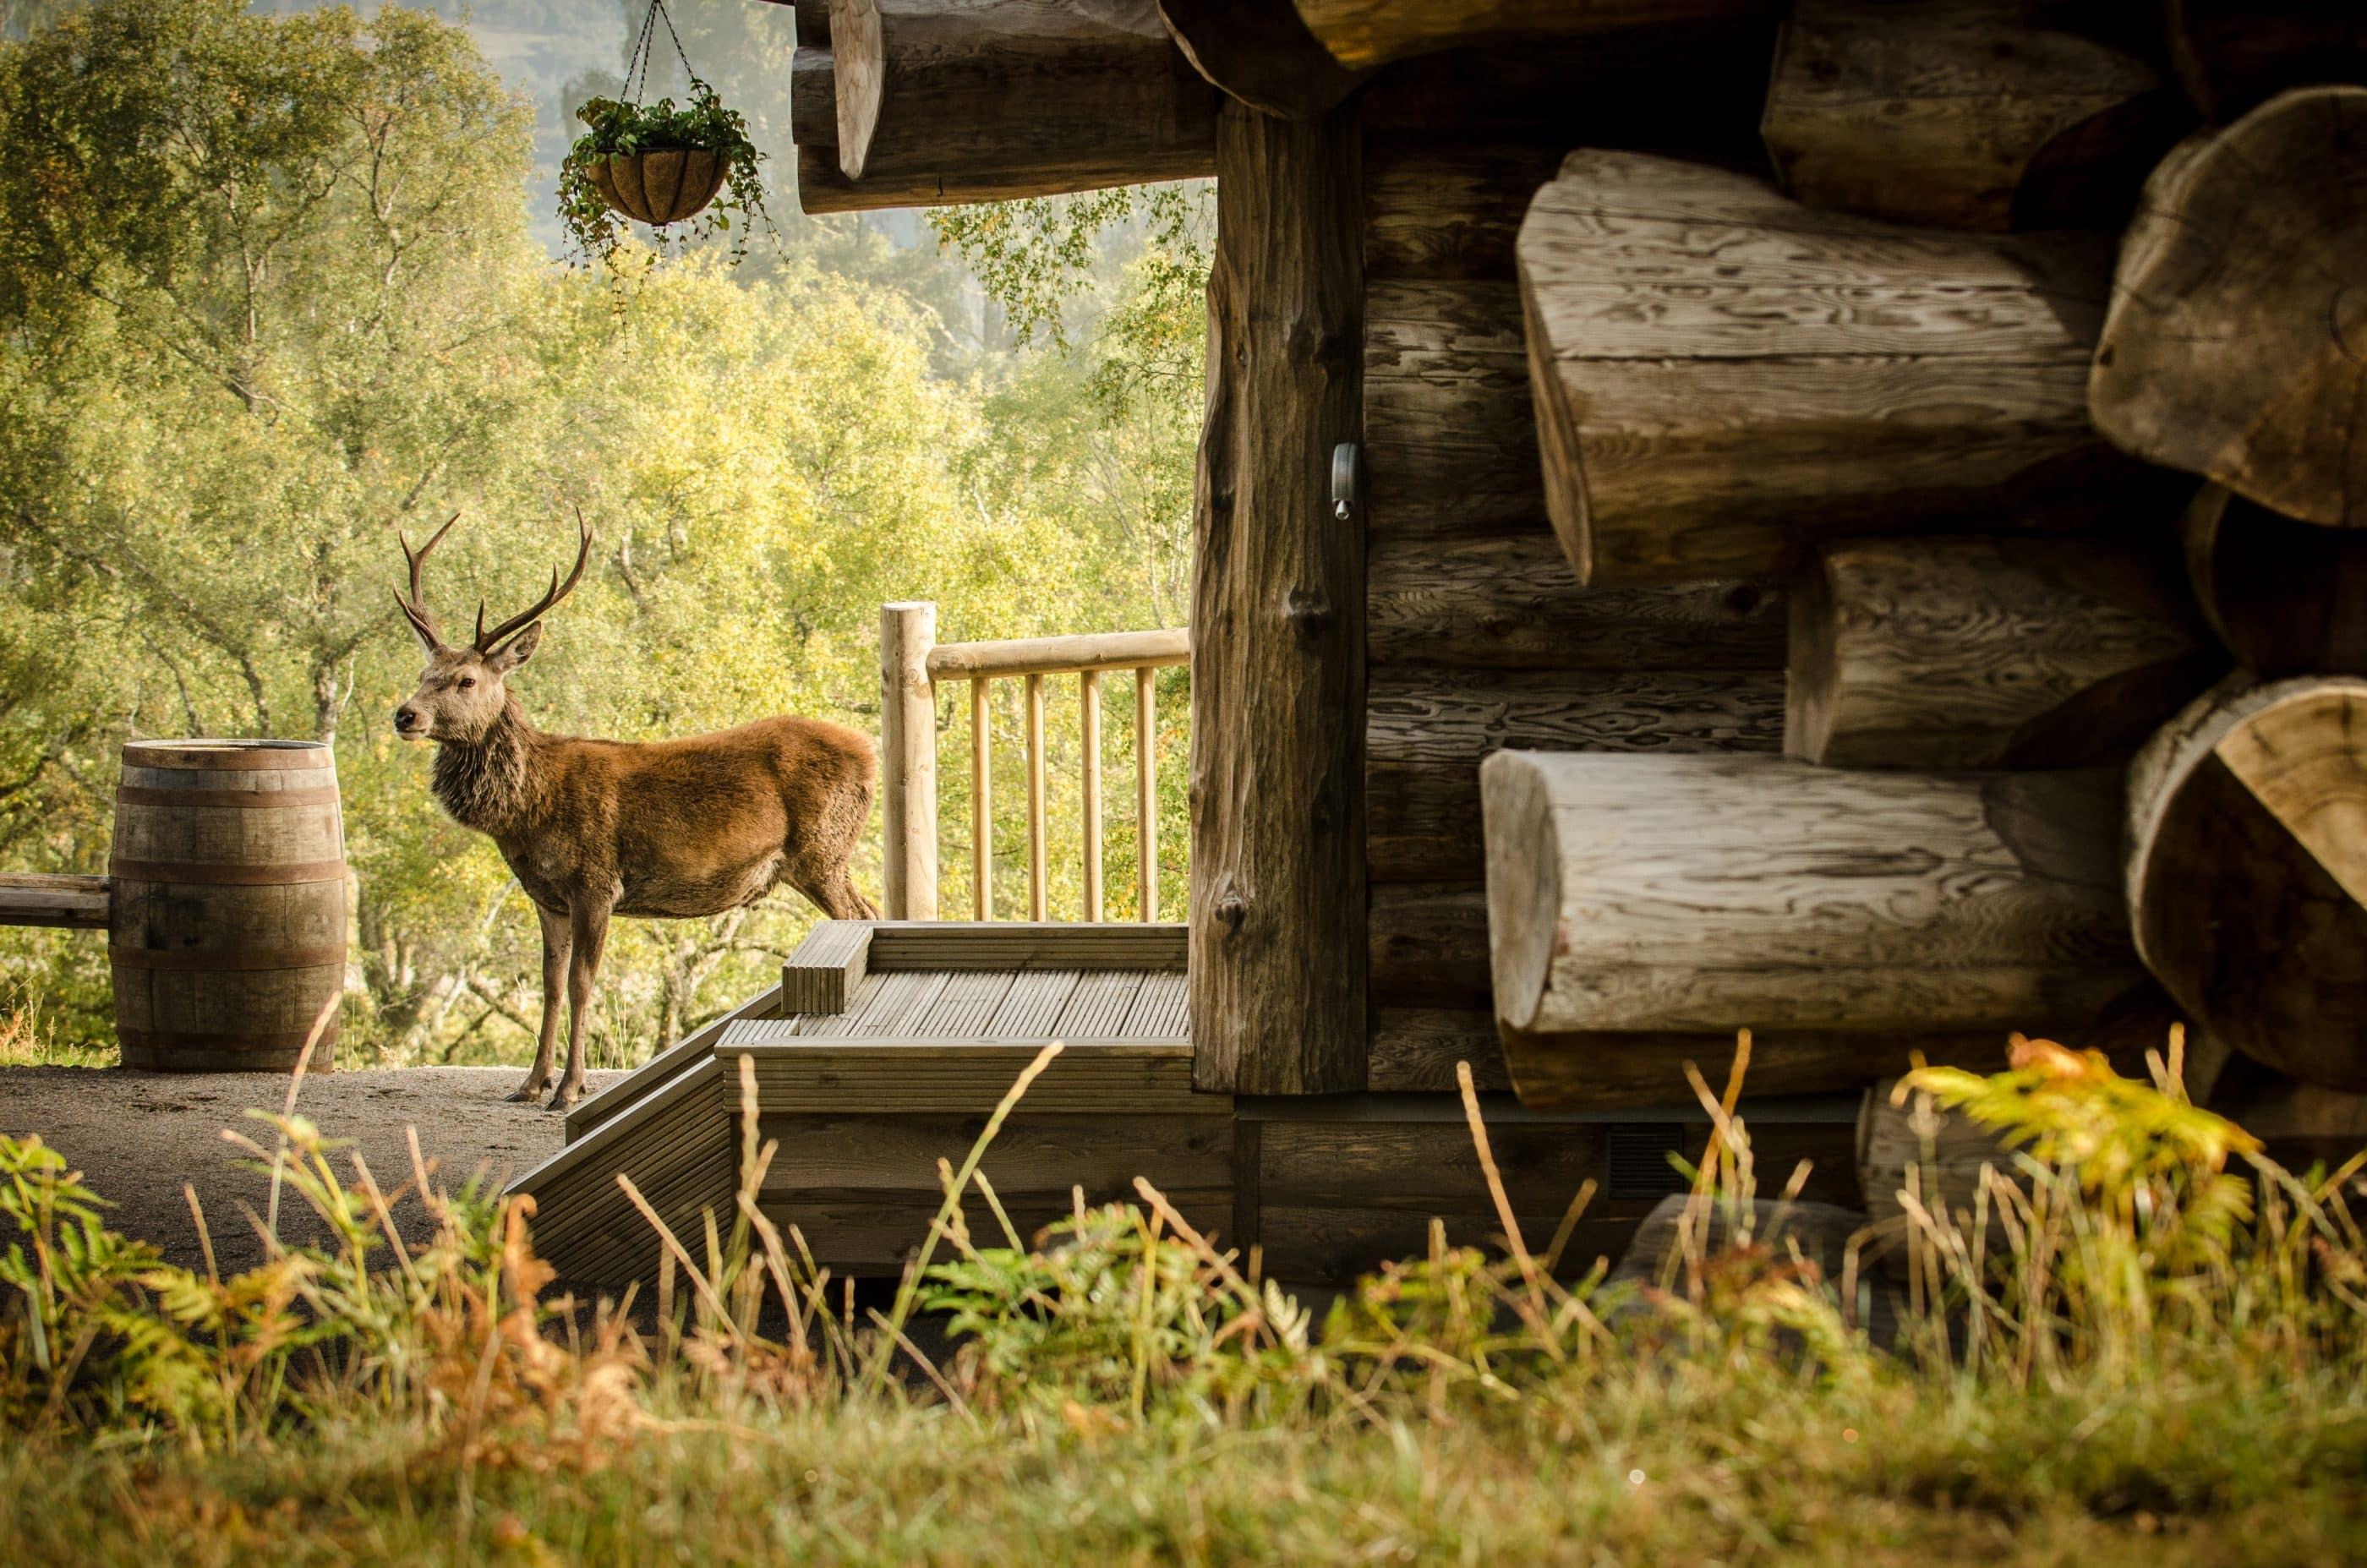 Deer standing in front of log cabin